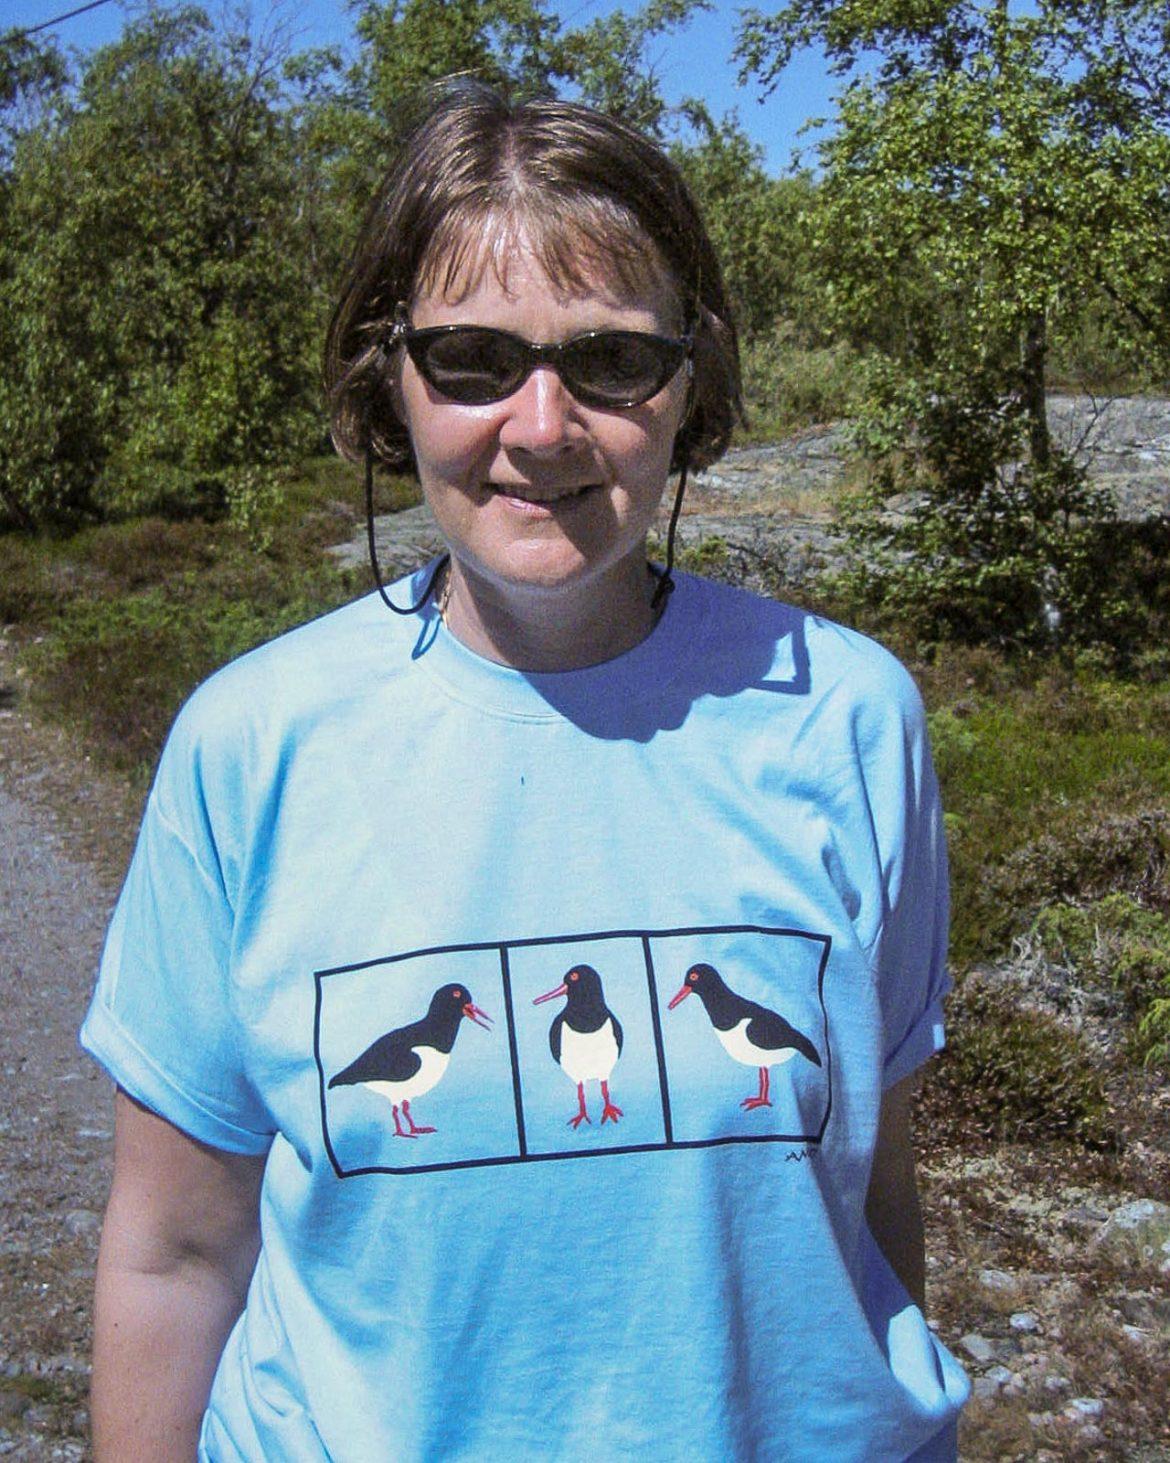 Isokari Selkämeren kansallispuisto